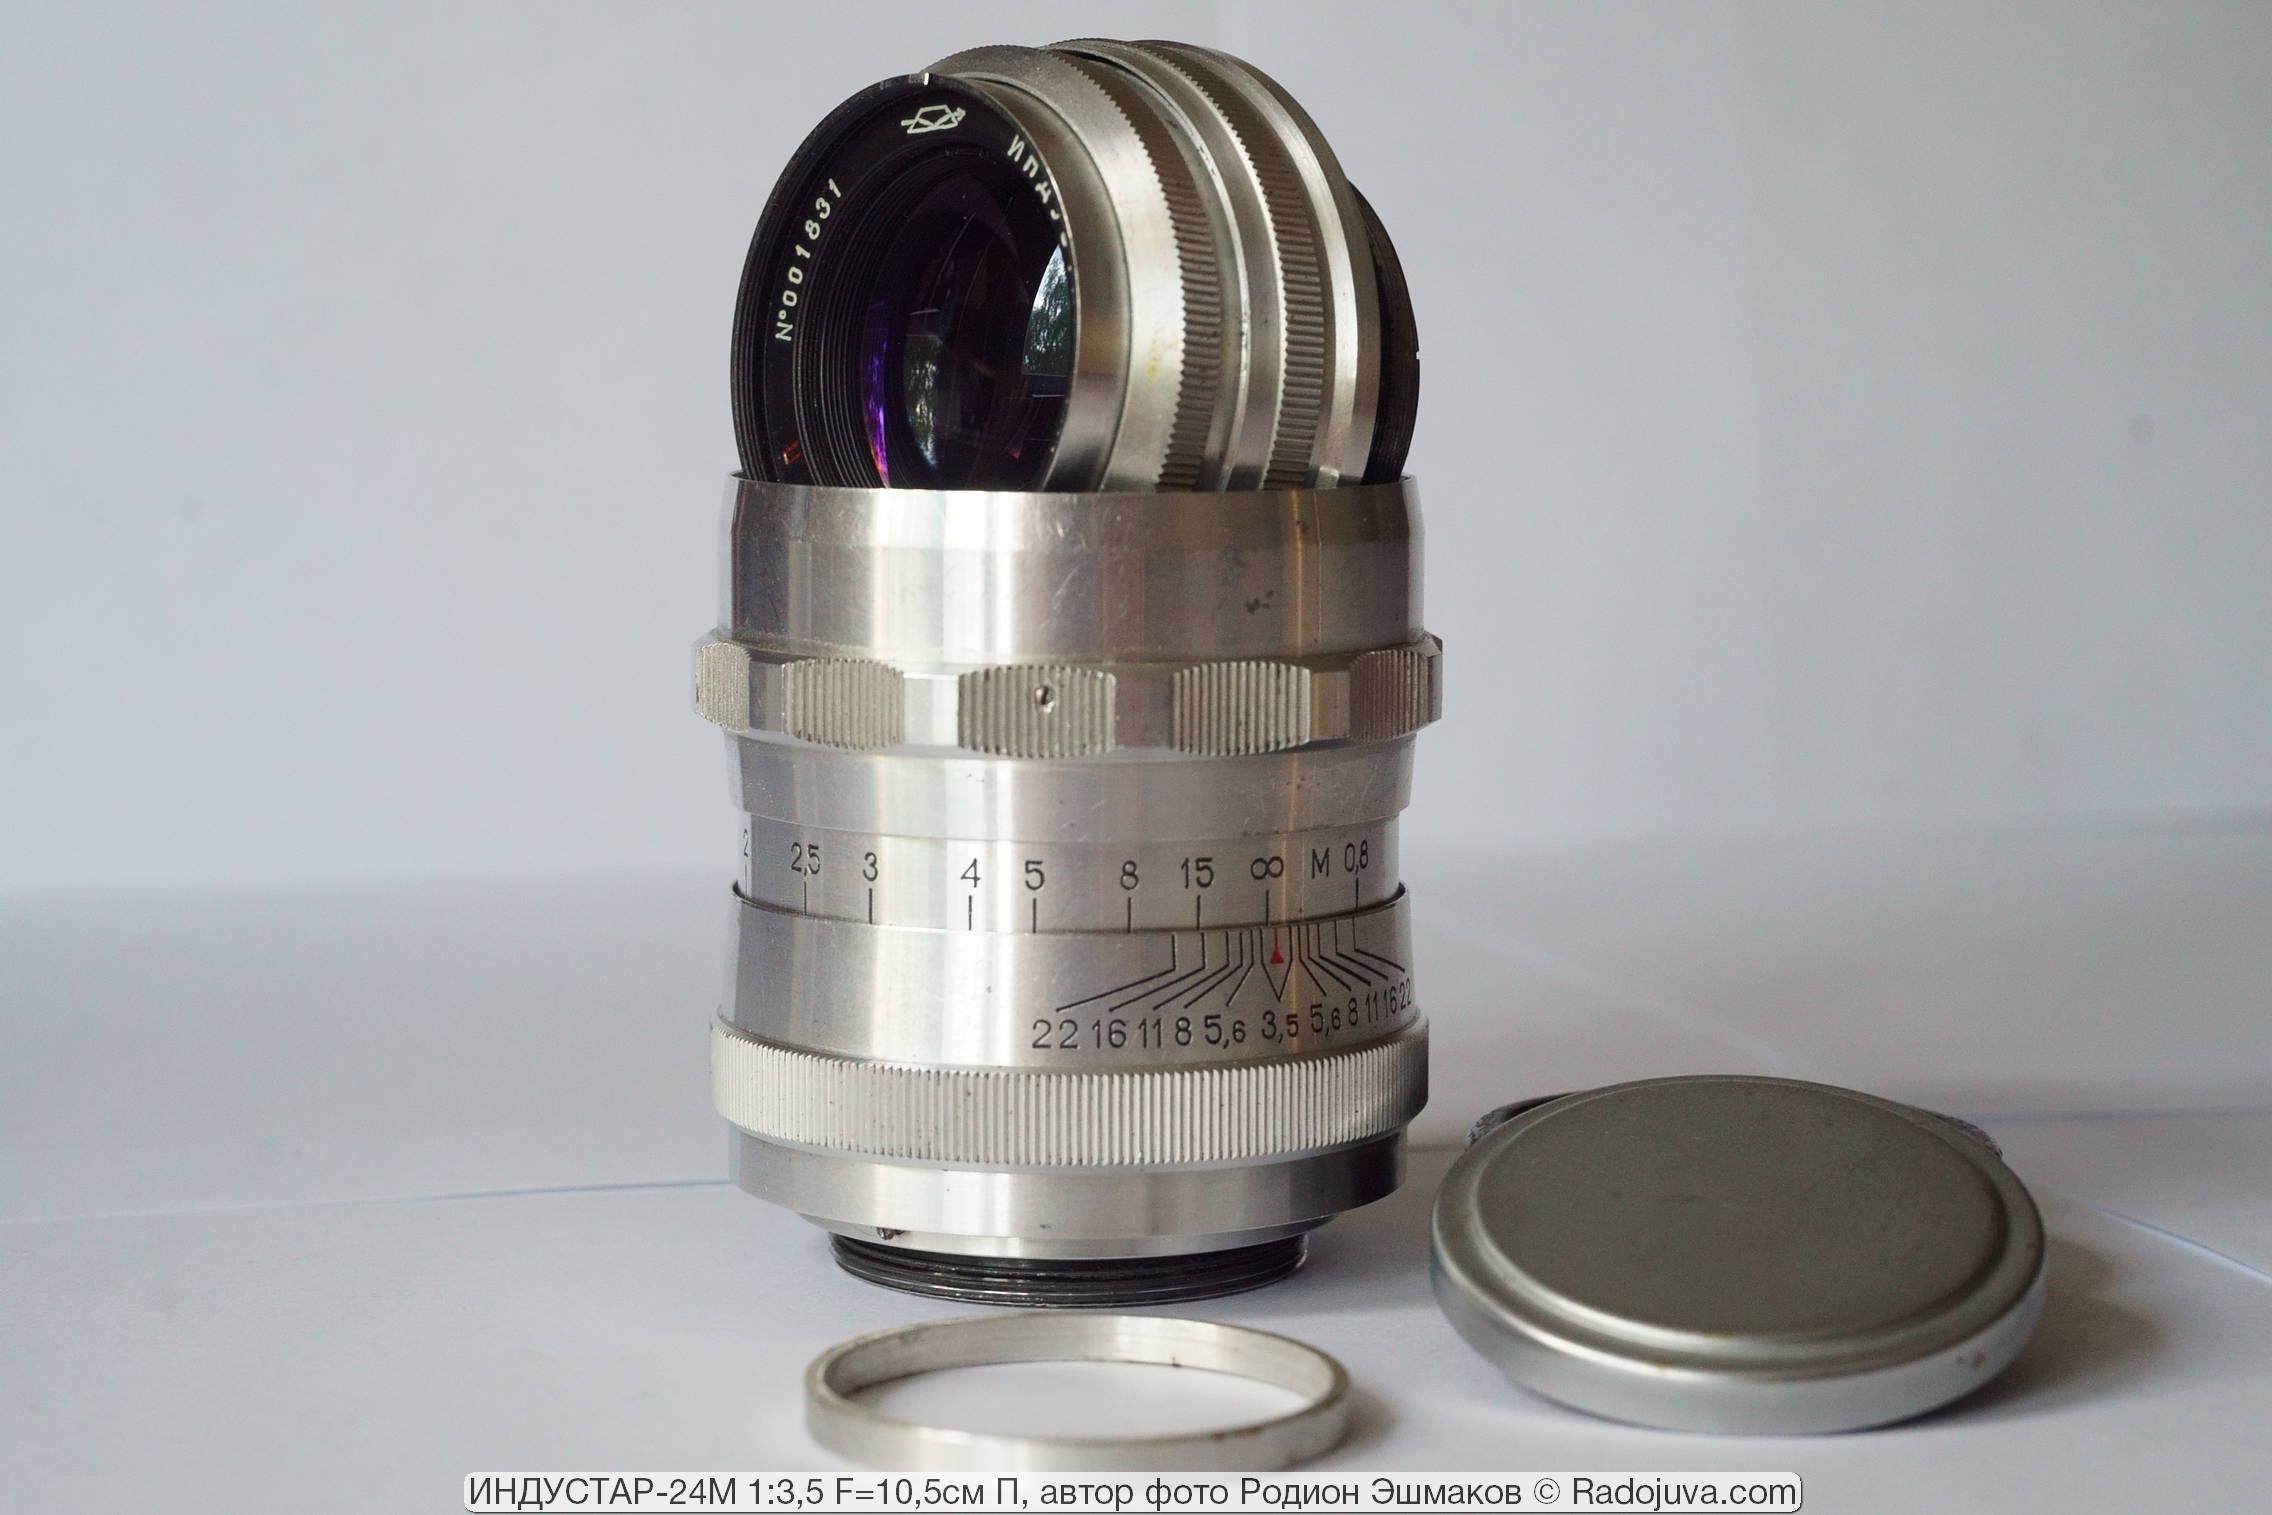 Полуразобранный Индустар-24М. На переднем плане – юстировочное кольцо.